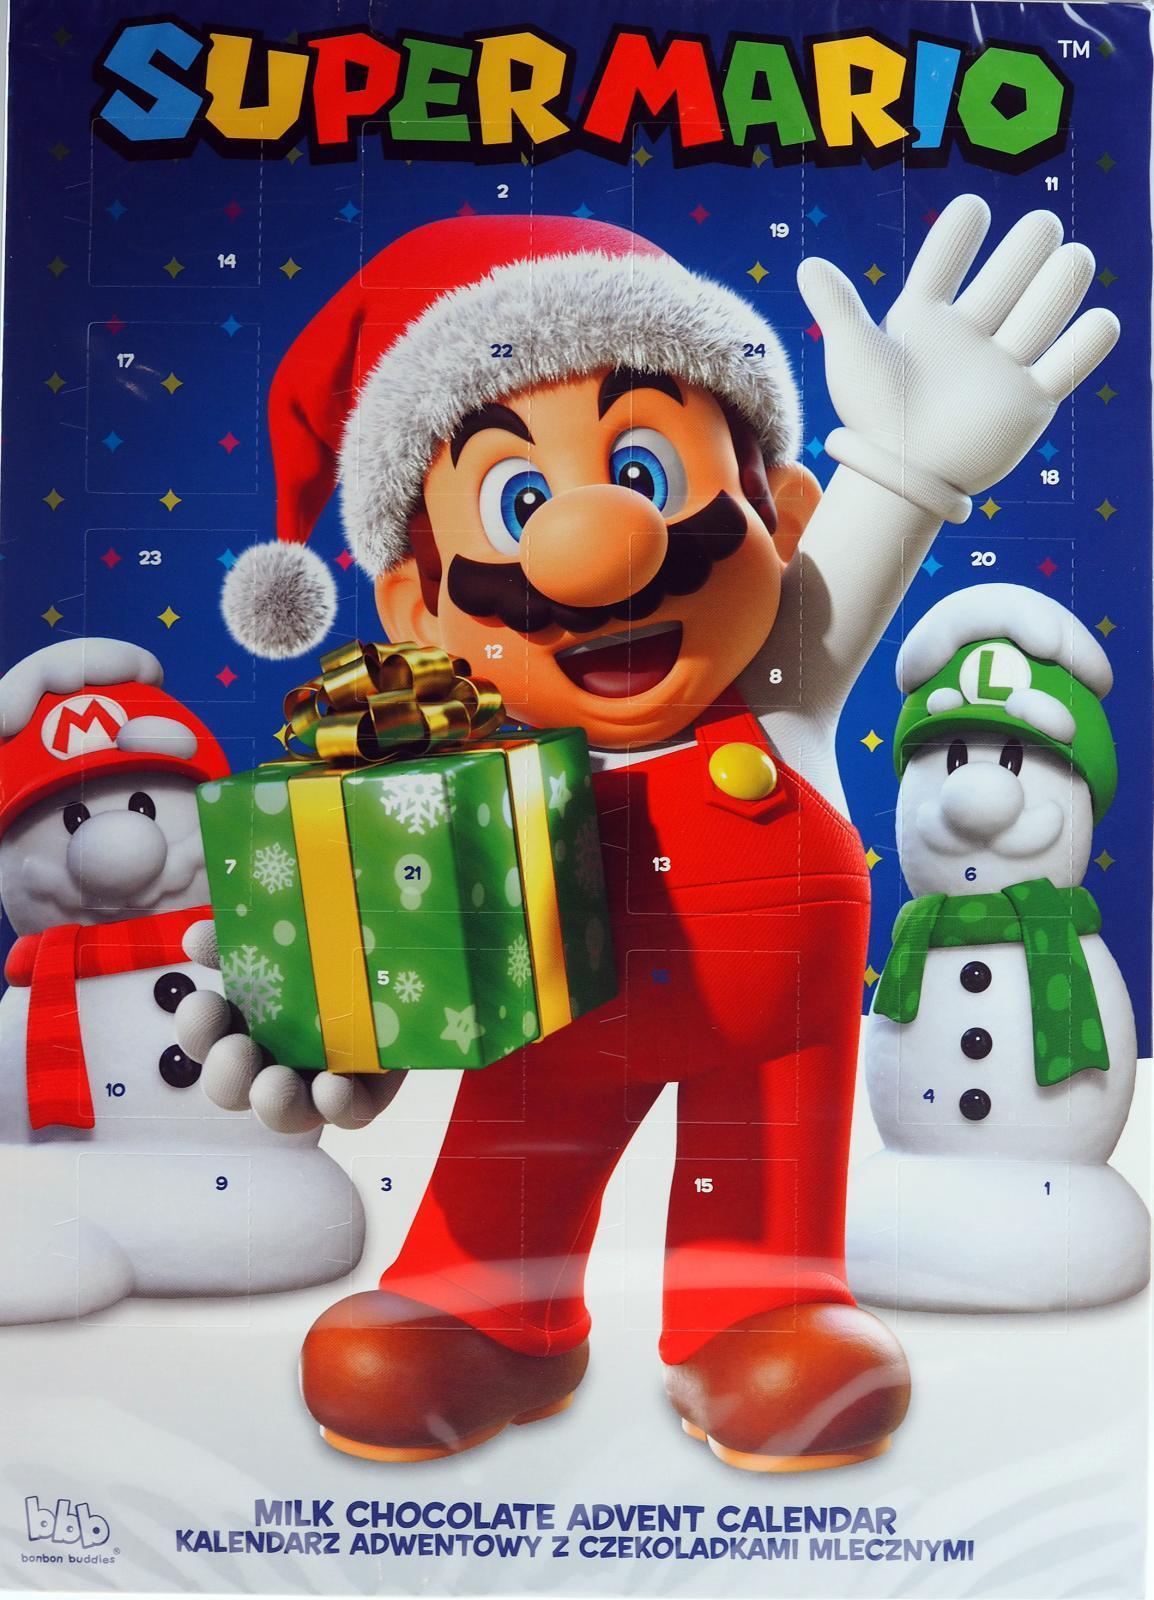 image of super mario christmas chocolate advent calendar